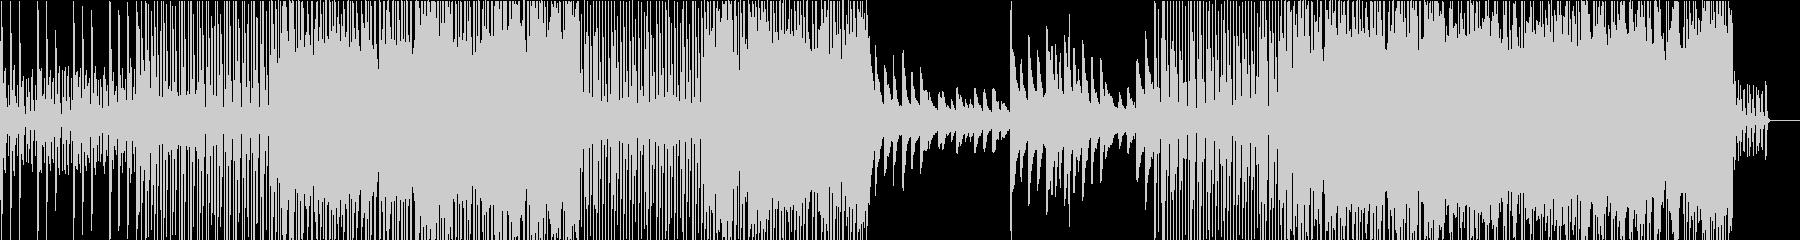 リズムはっきりのピアノインストで和の要素の未再生の波形